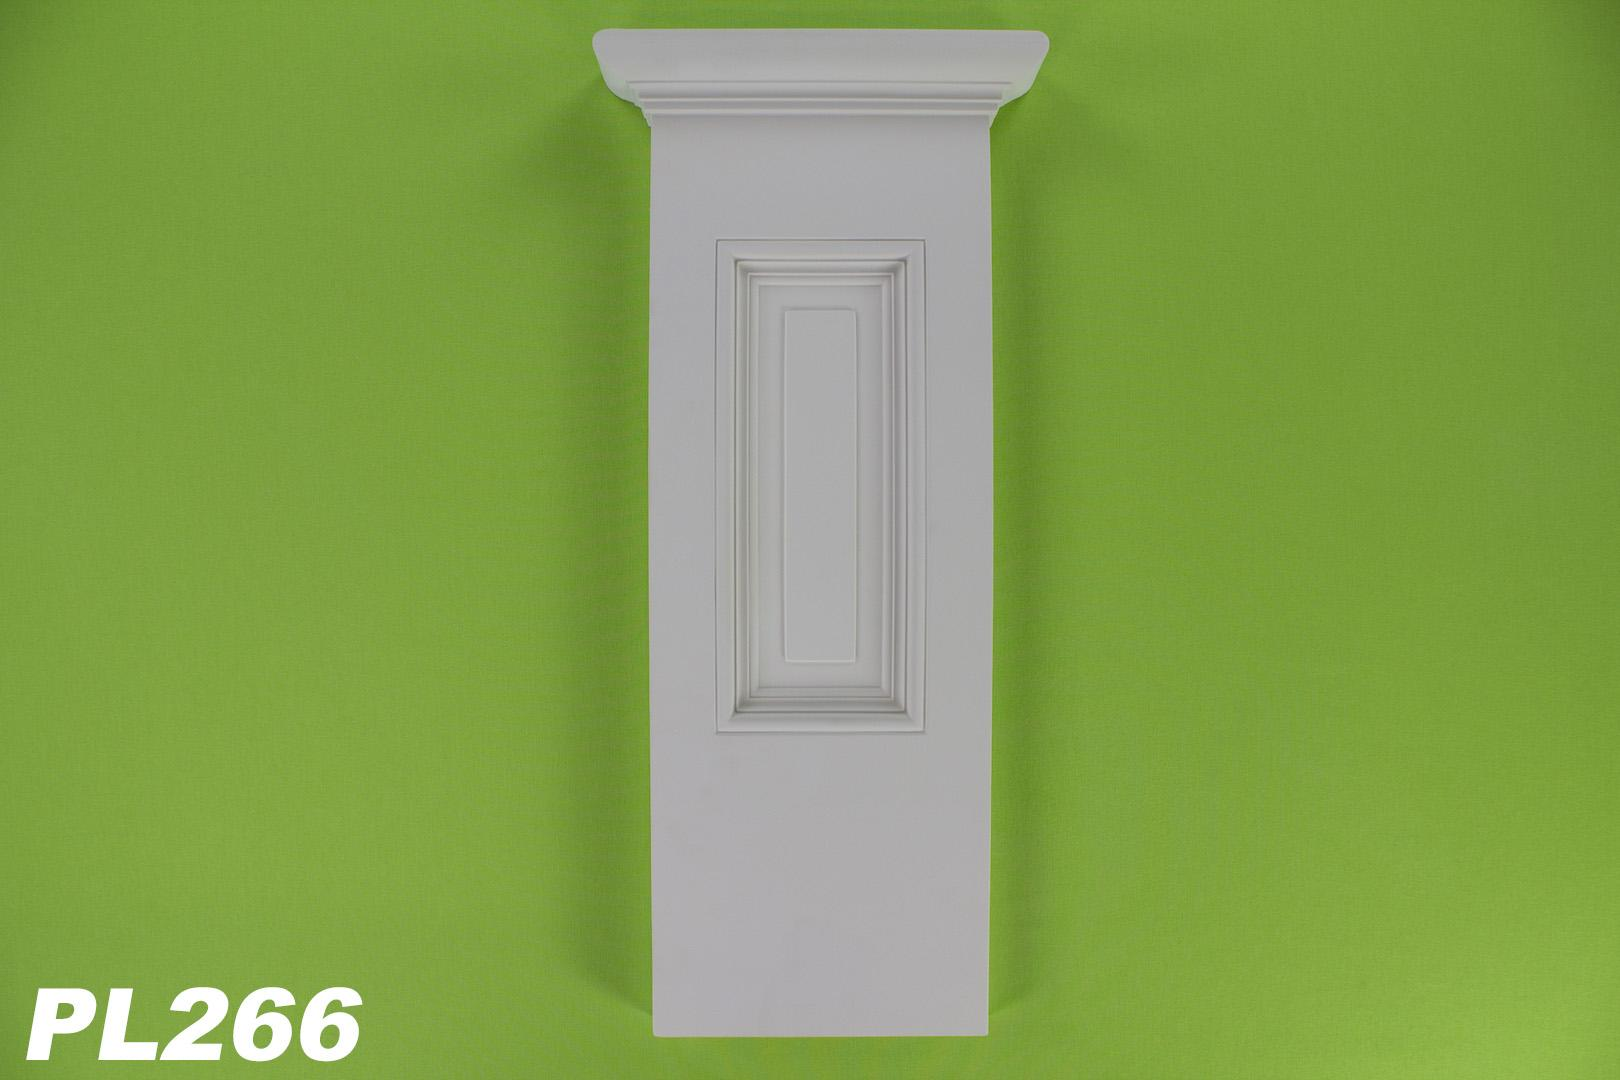 1 basisteil f r pilaster k rper pl276 innendekor stuck wand sto fest pl266. Black Bedroom Furniture Sets. Home Design Ideas